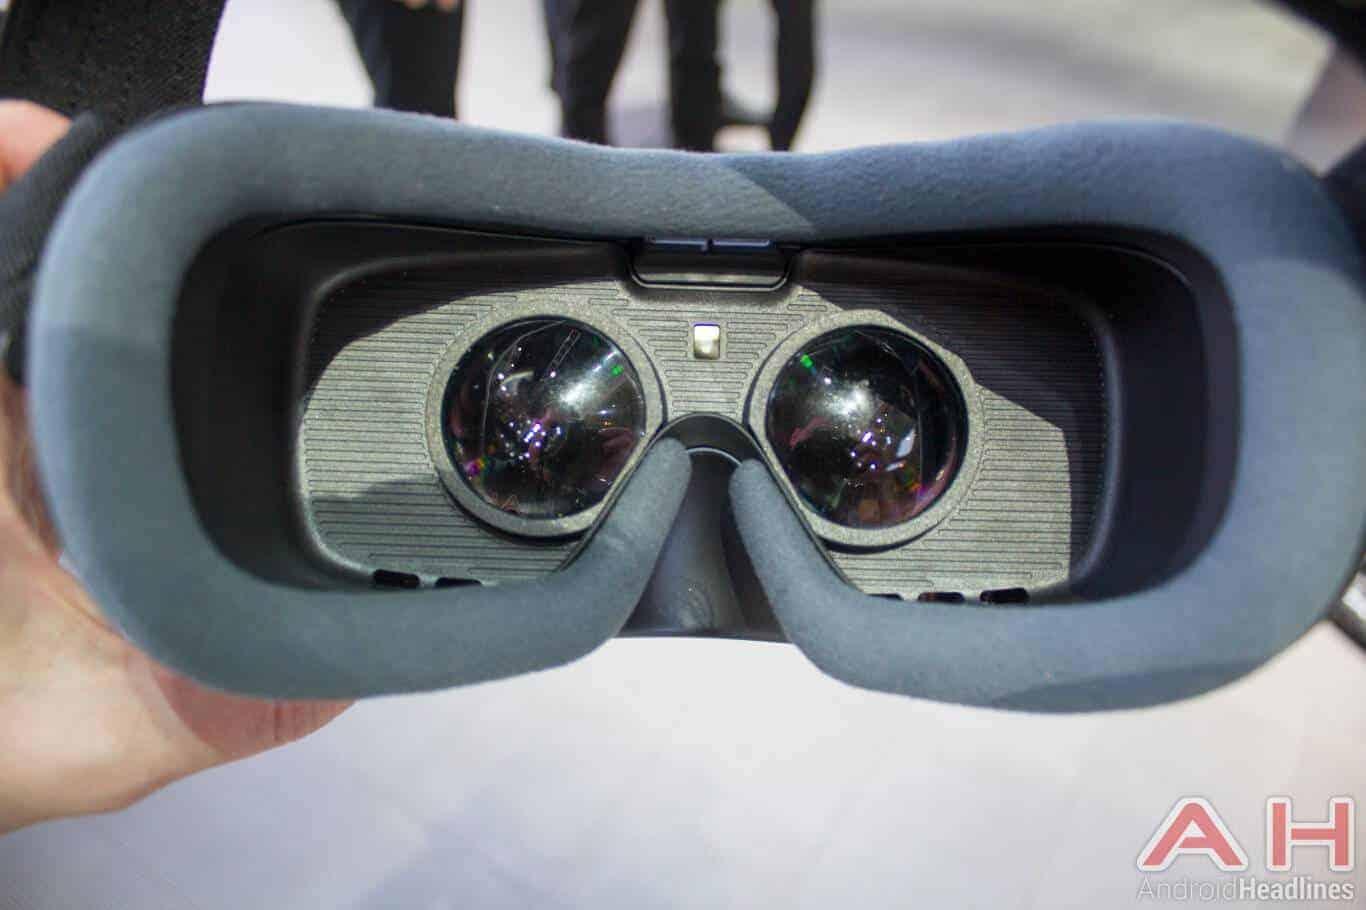 Samsung Gear VR Galaxy Note 7 AH 7